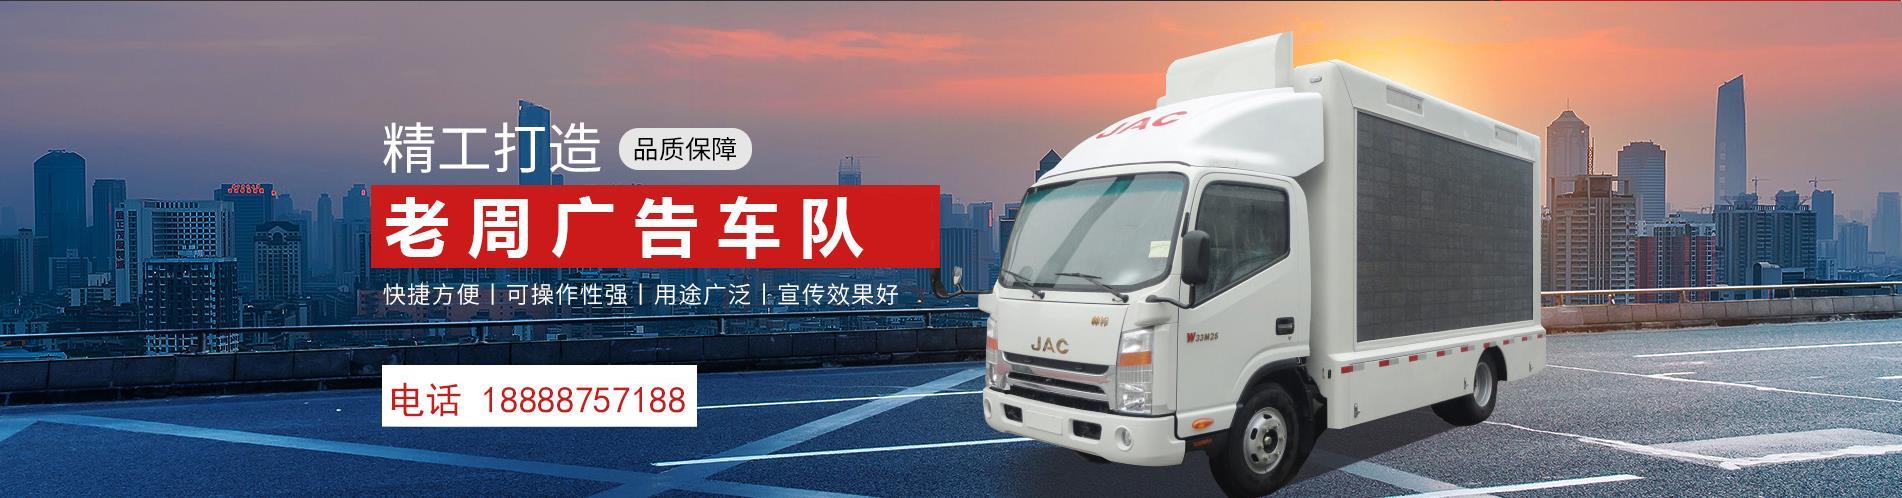 宁波广告车出租